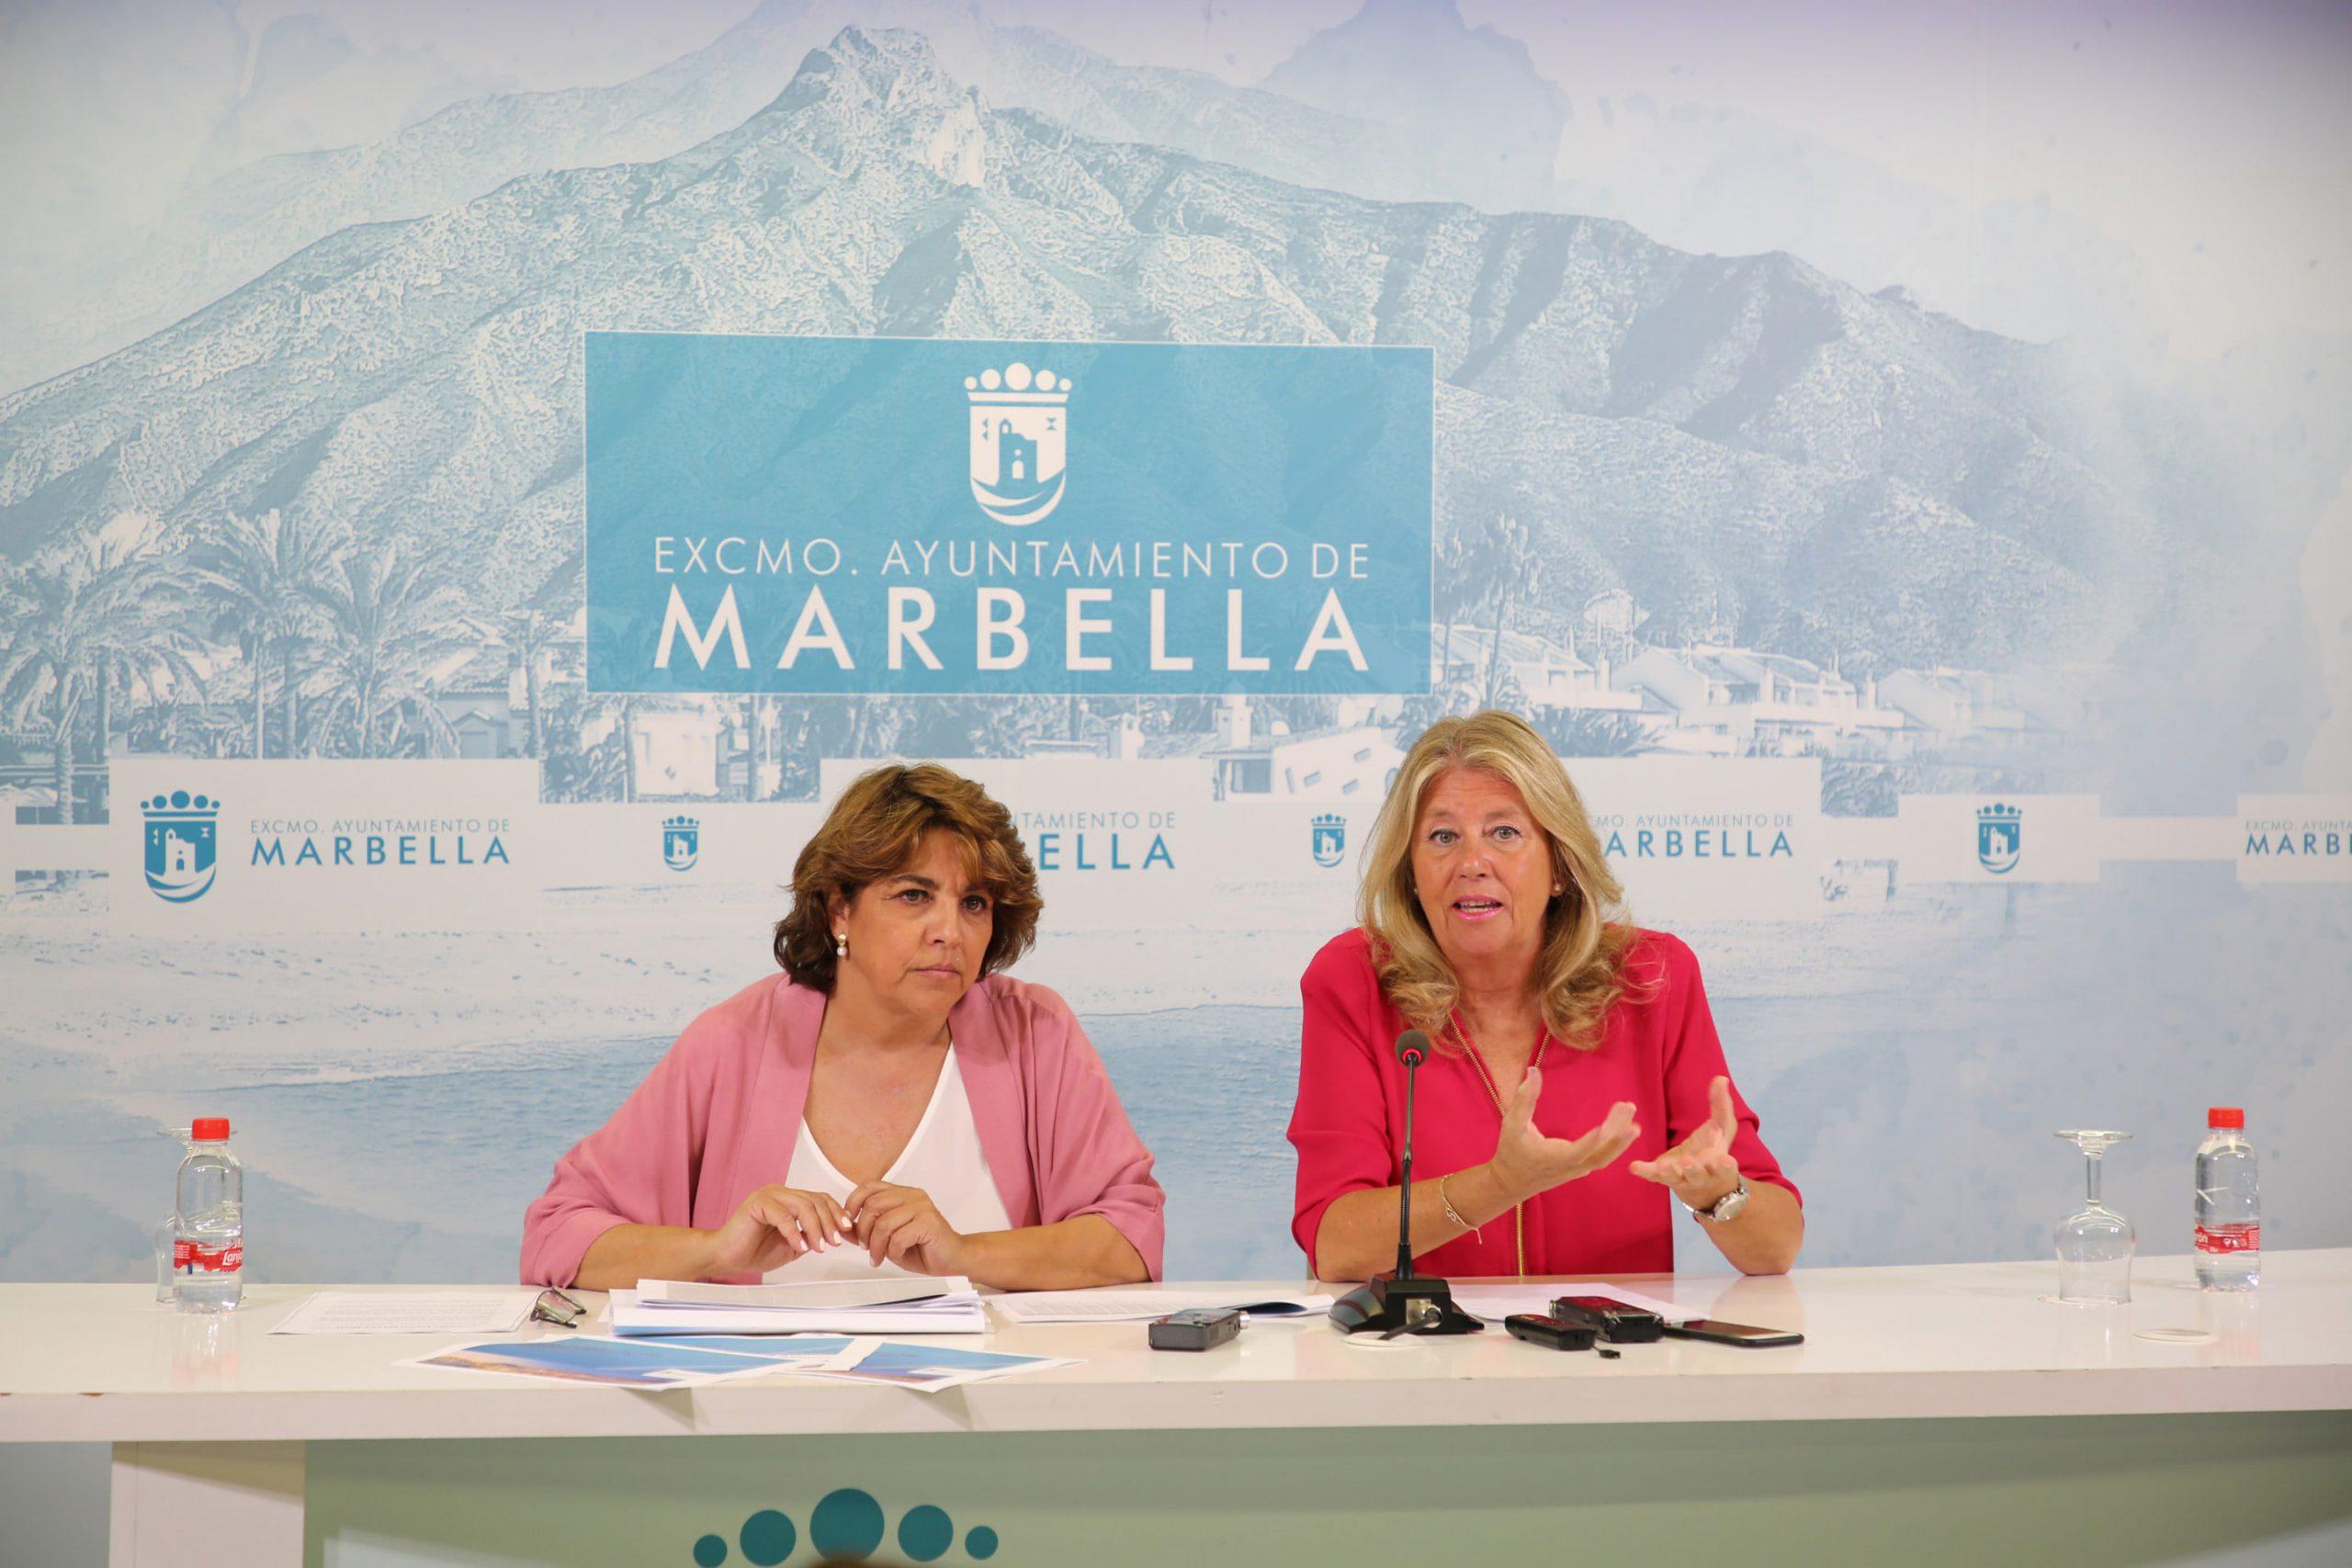 El Consistorio participará en cerca de una decena de ferias y eventos turísticos